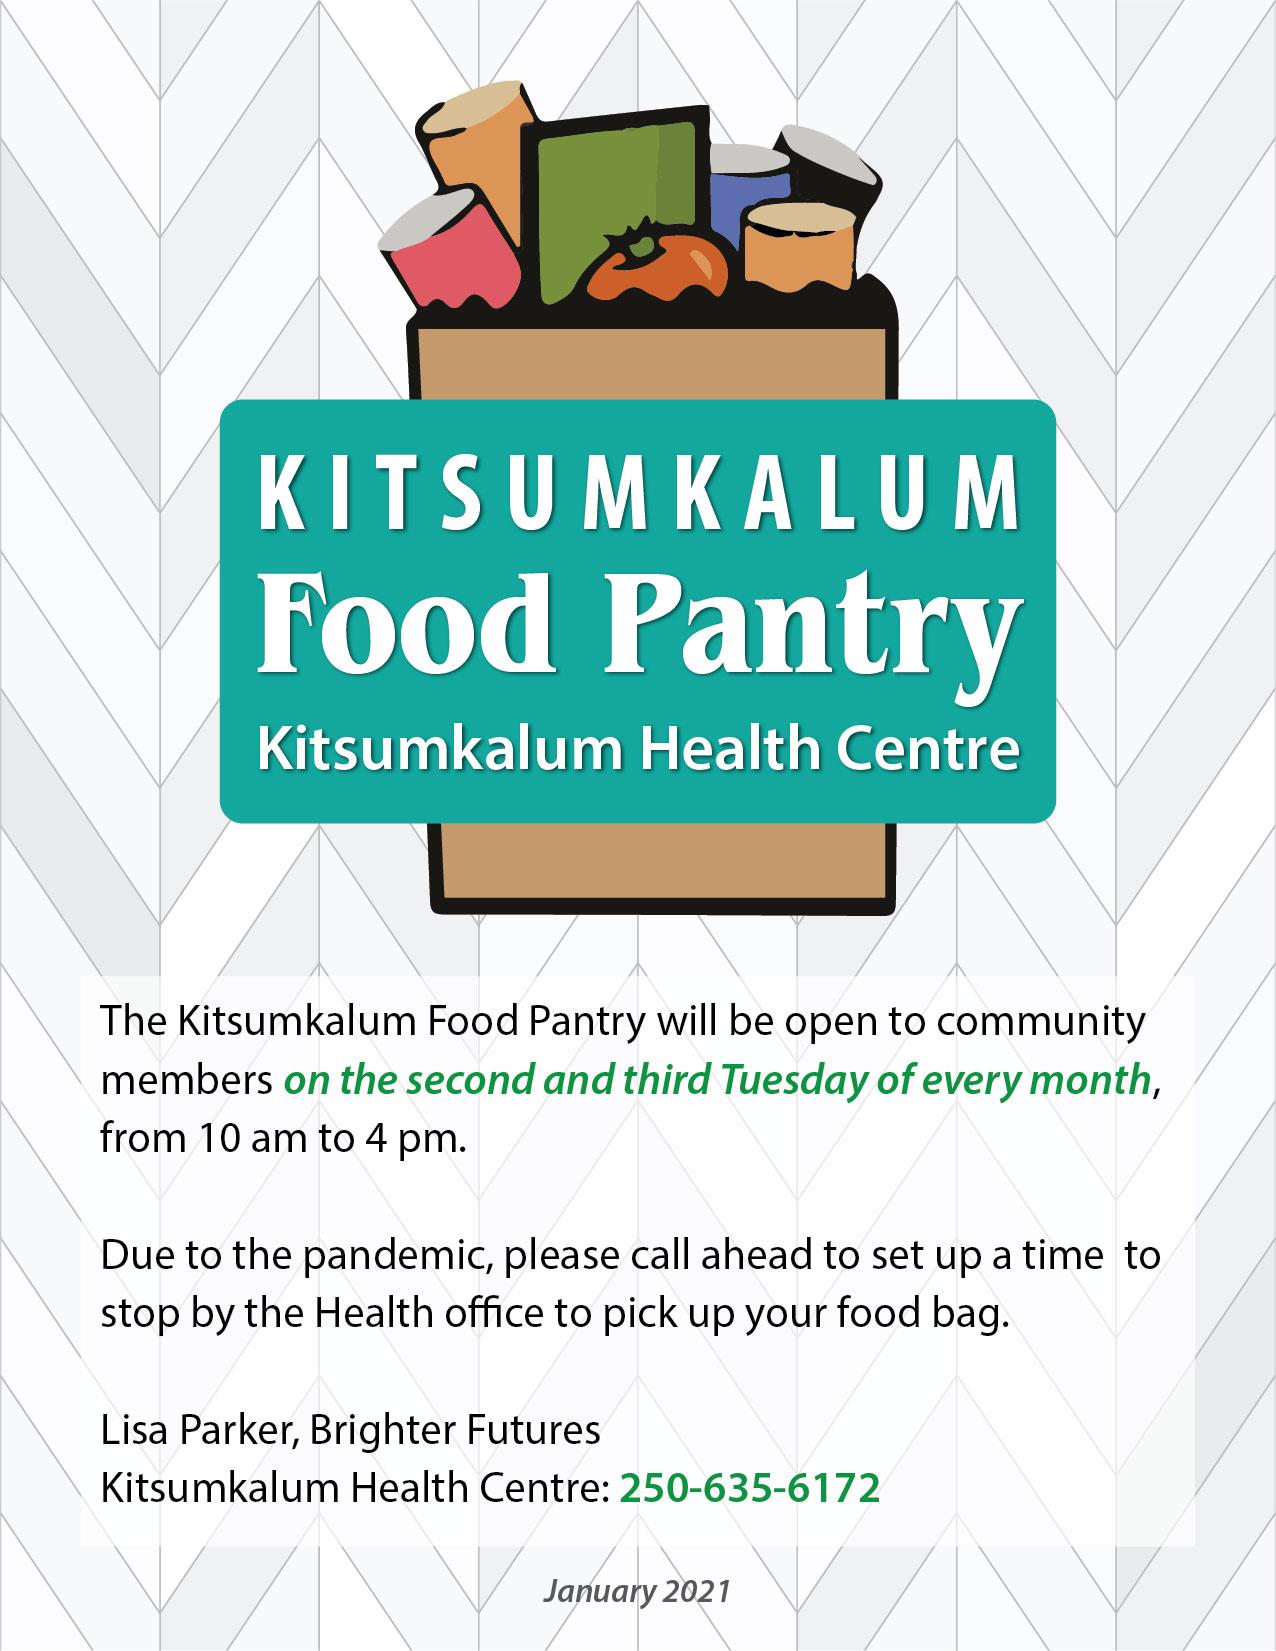 Kitsumkalum Food Pantry Twice a Month at Kitsumkalum Health